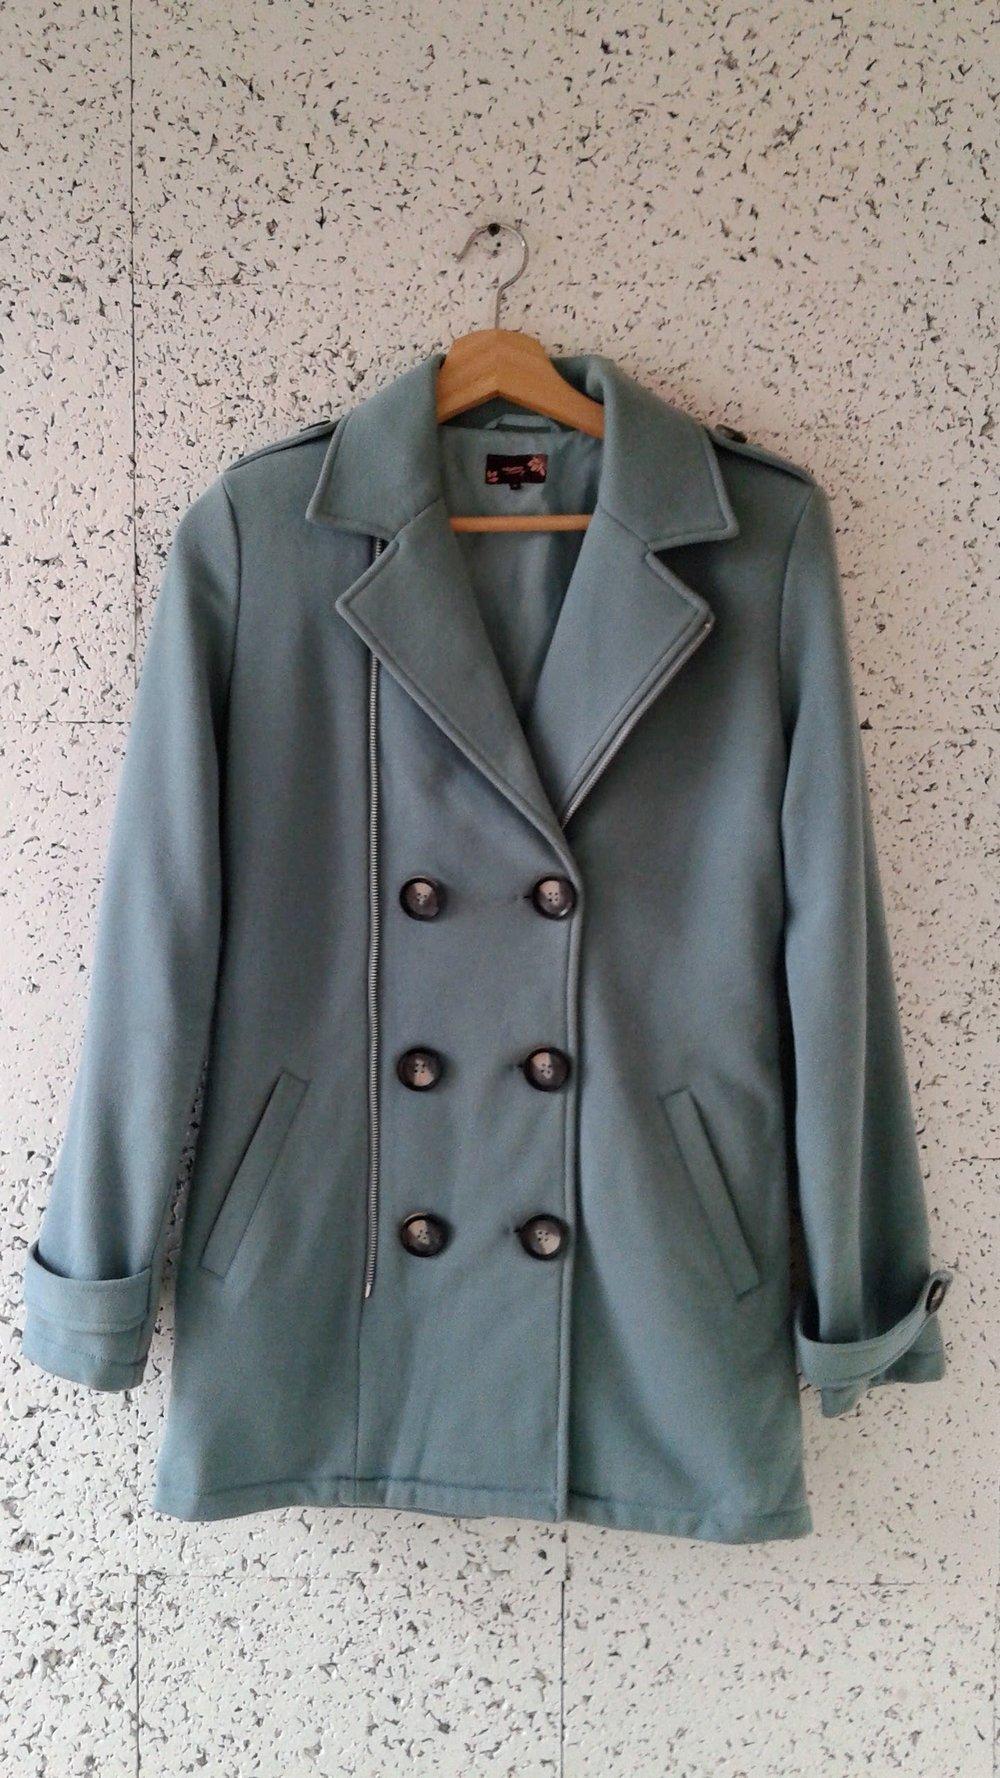 Olomo jacket; Size M, $40